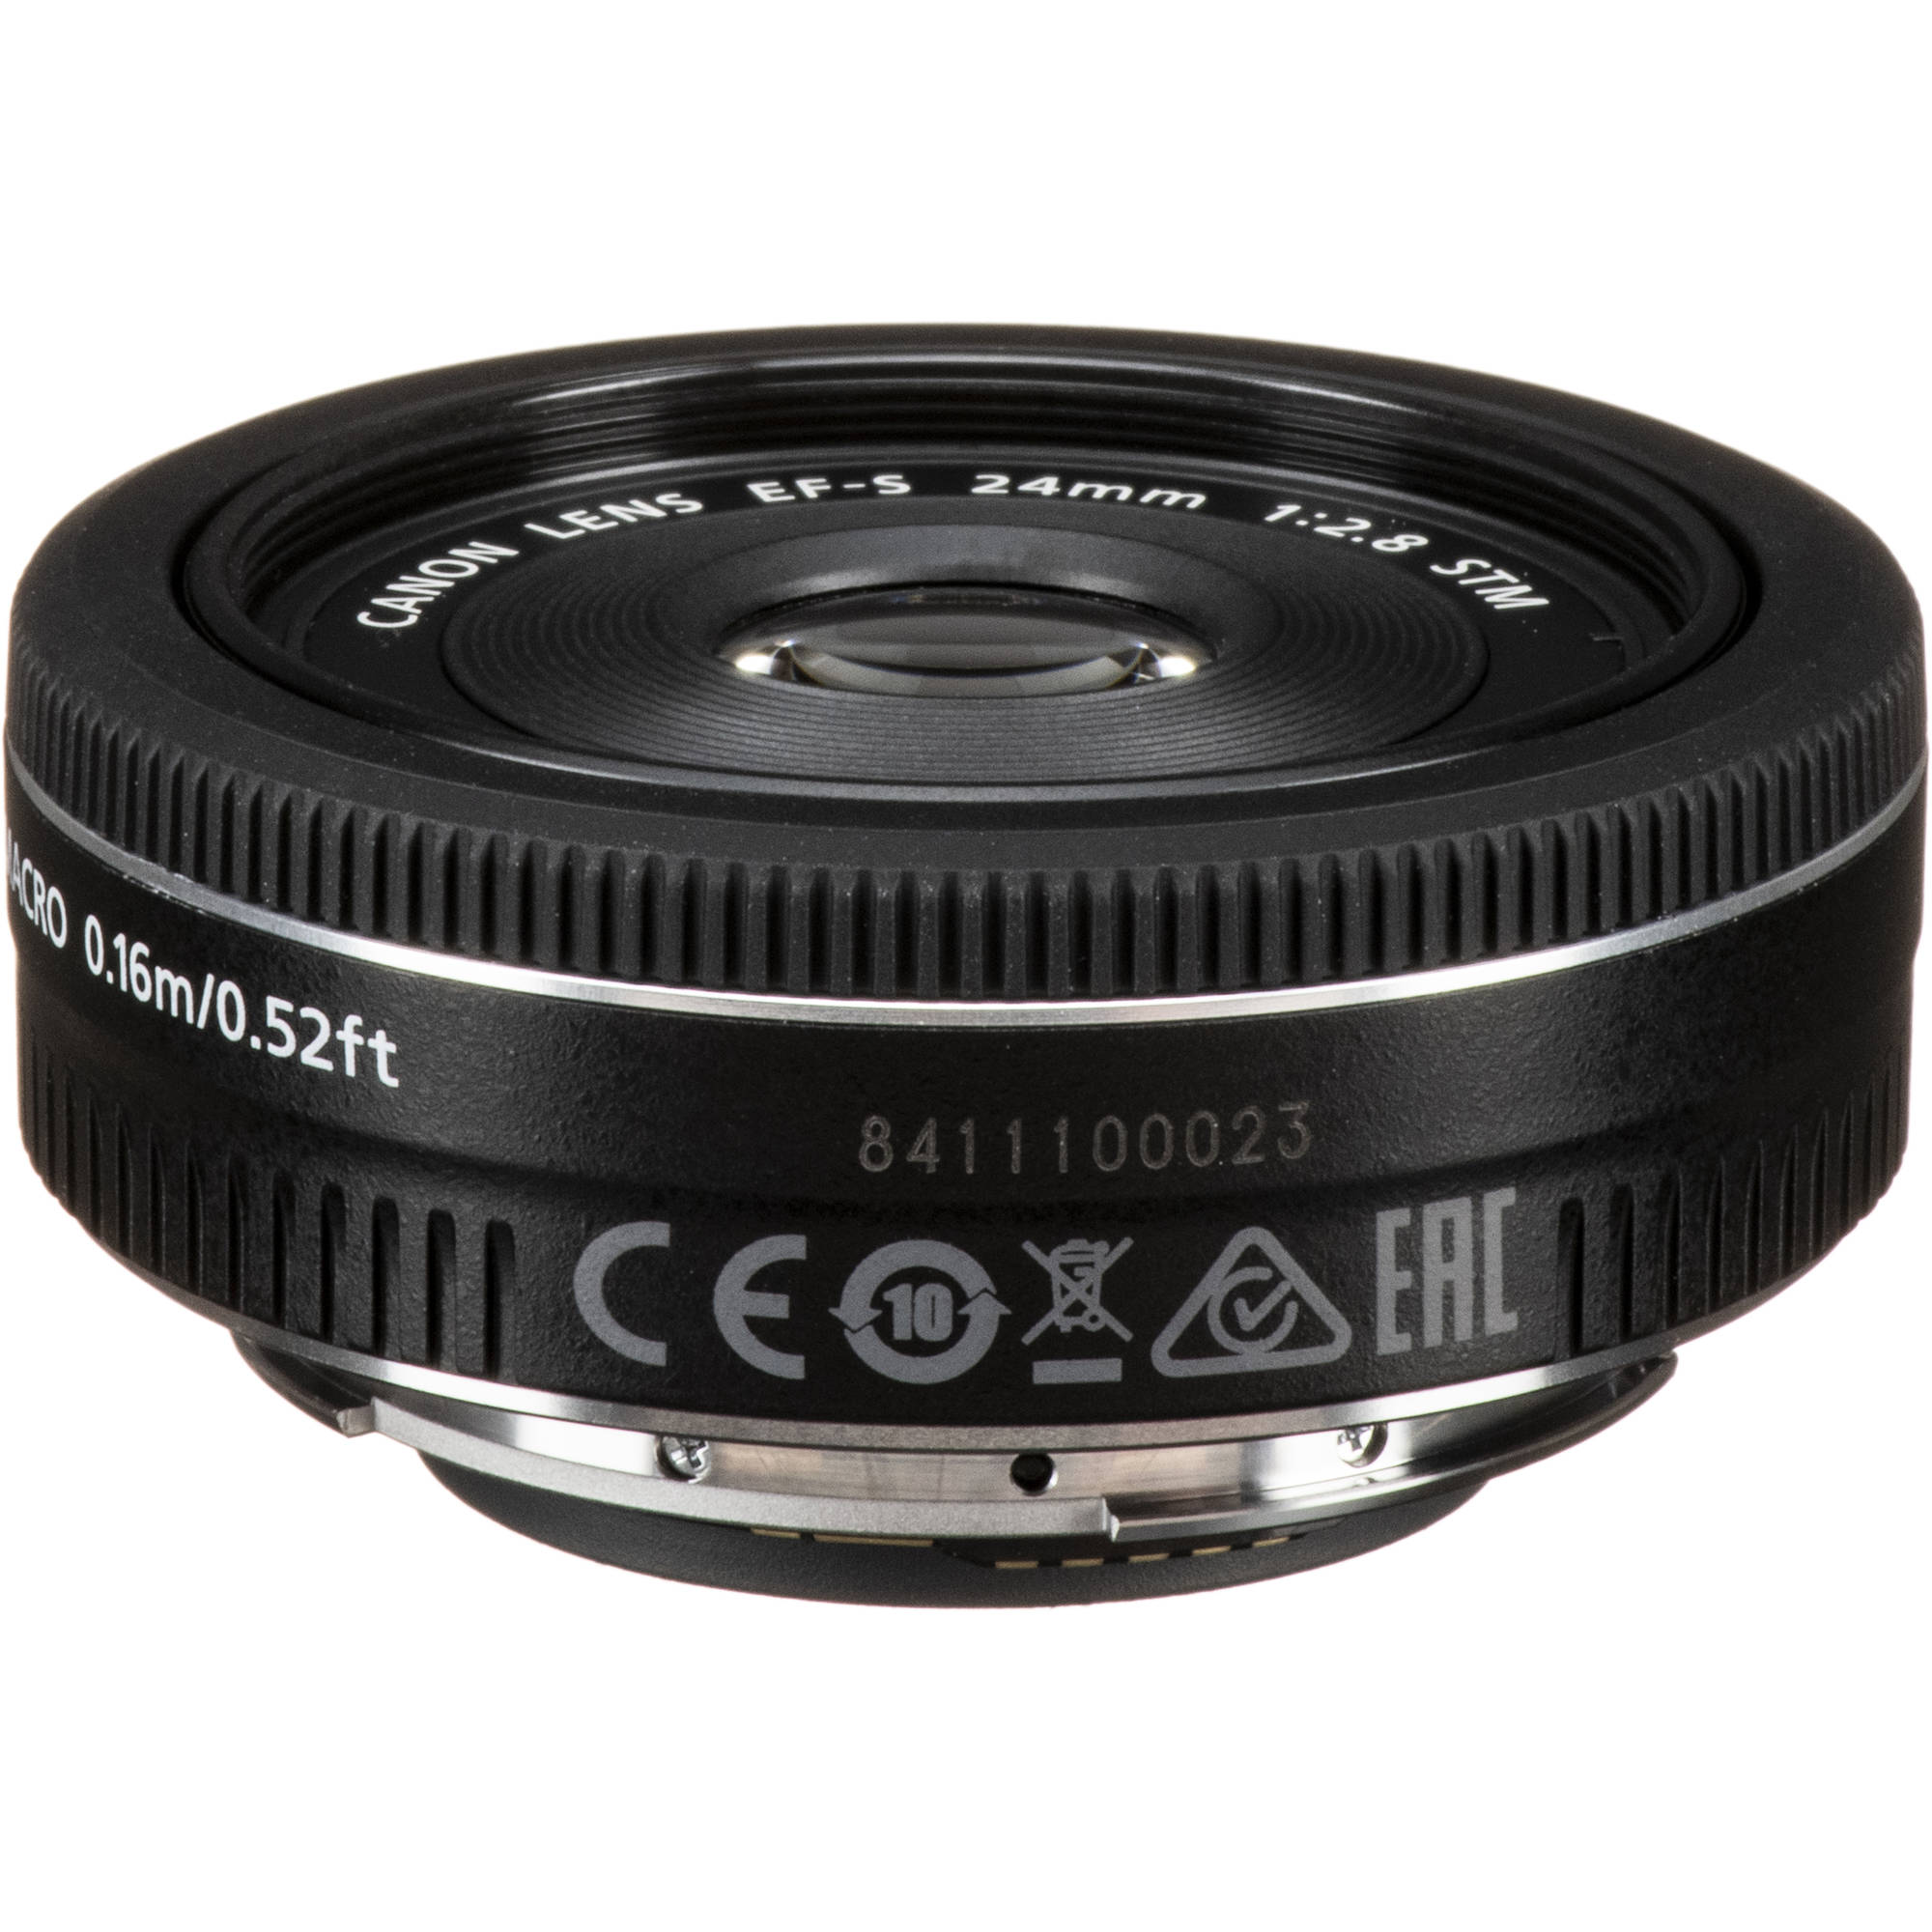 Canon EF-S 24mm f//2.8 STM Lens Lens Cap Holder Pouch 52mm UV Filter